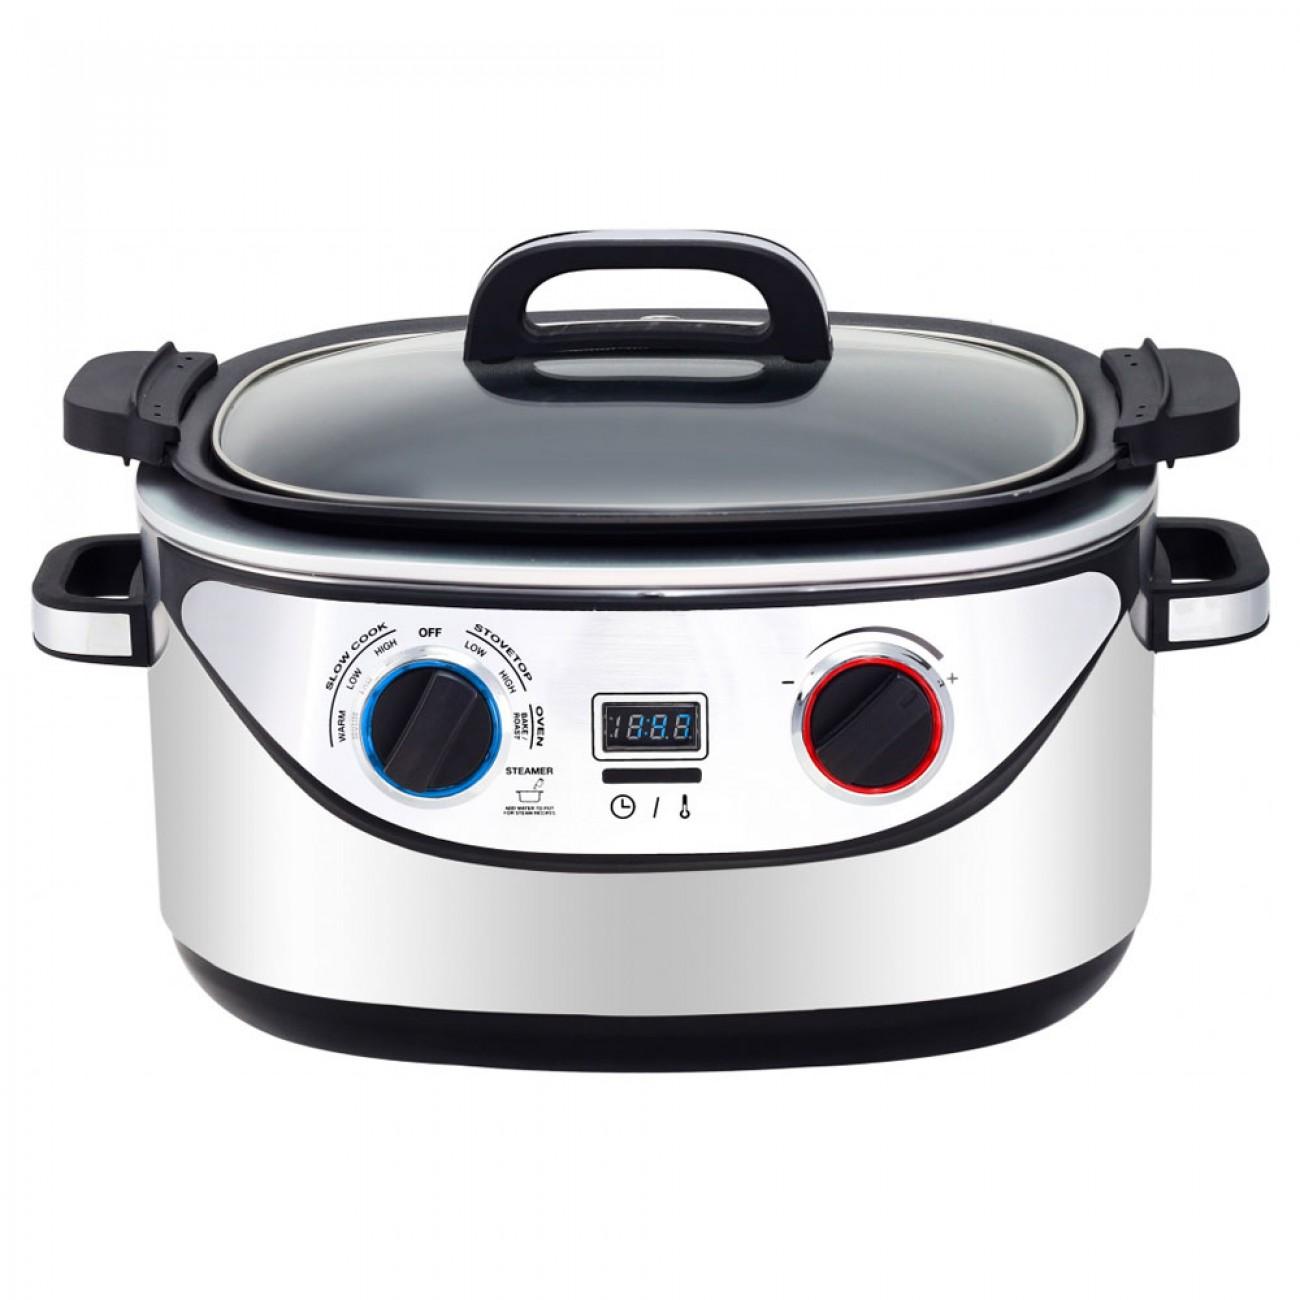 Мултикукър 8в1 Royalty Line RL-EMFC-1400.1D, 1350 W, 5.6 л, Бавно готвене, Таймер, Черен/инокс в Multicooker & Уреди за готвене - ROYALTY LINE   Alleop